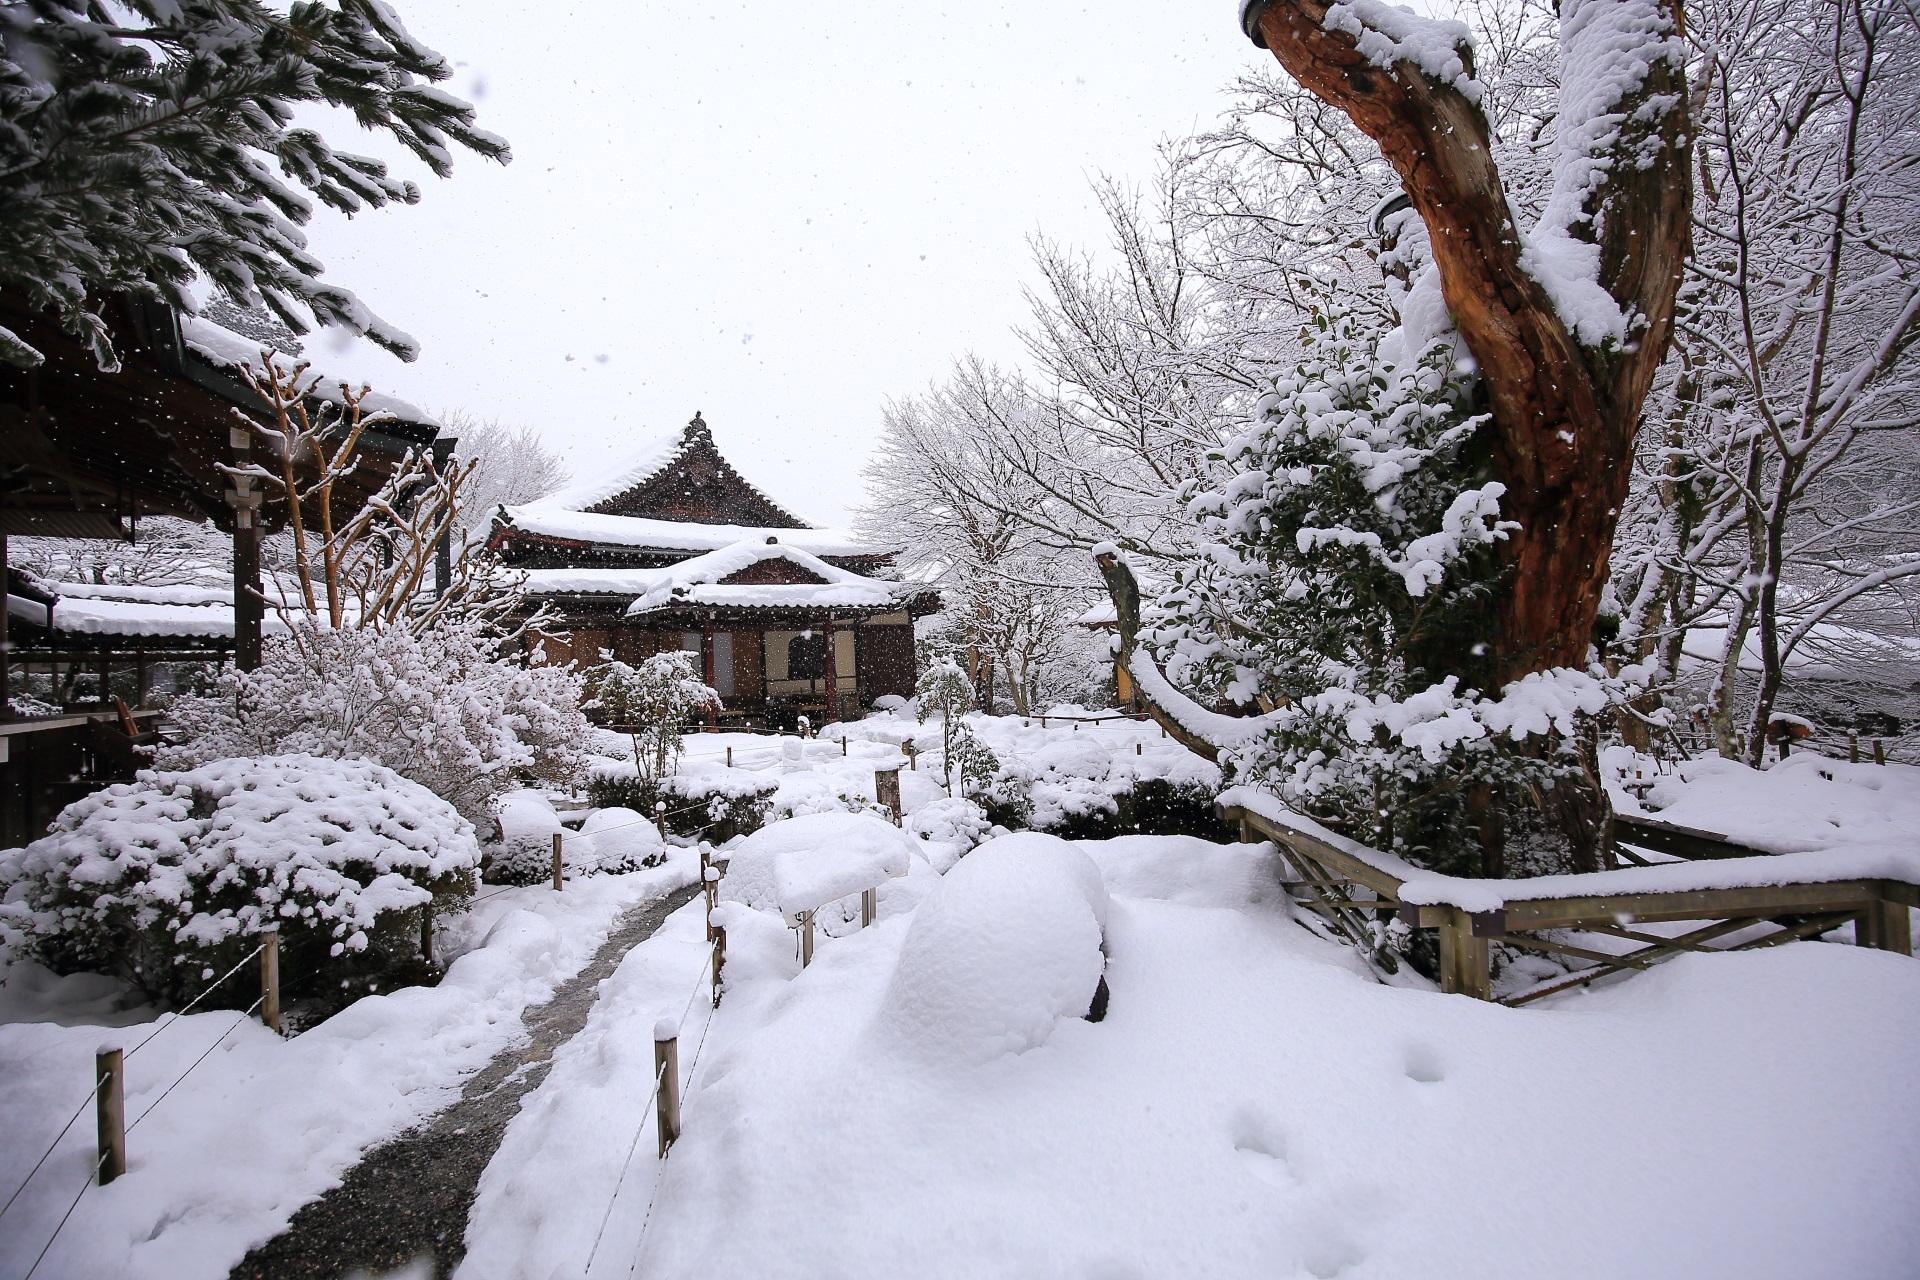 千年姫小松付近から眺めた一面の雪景色